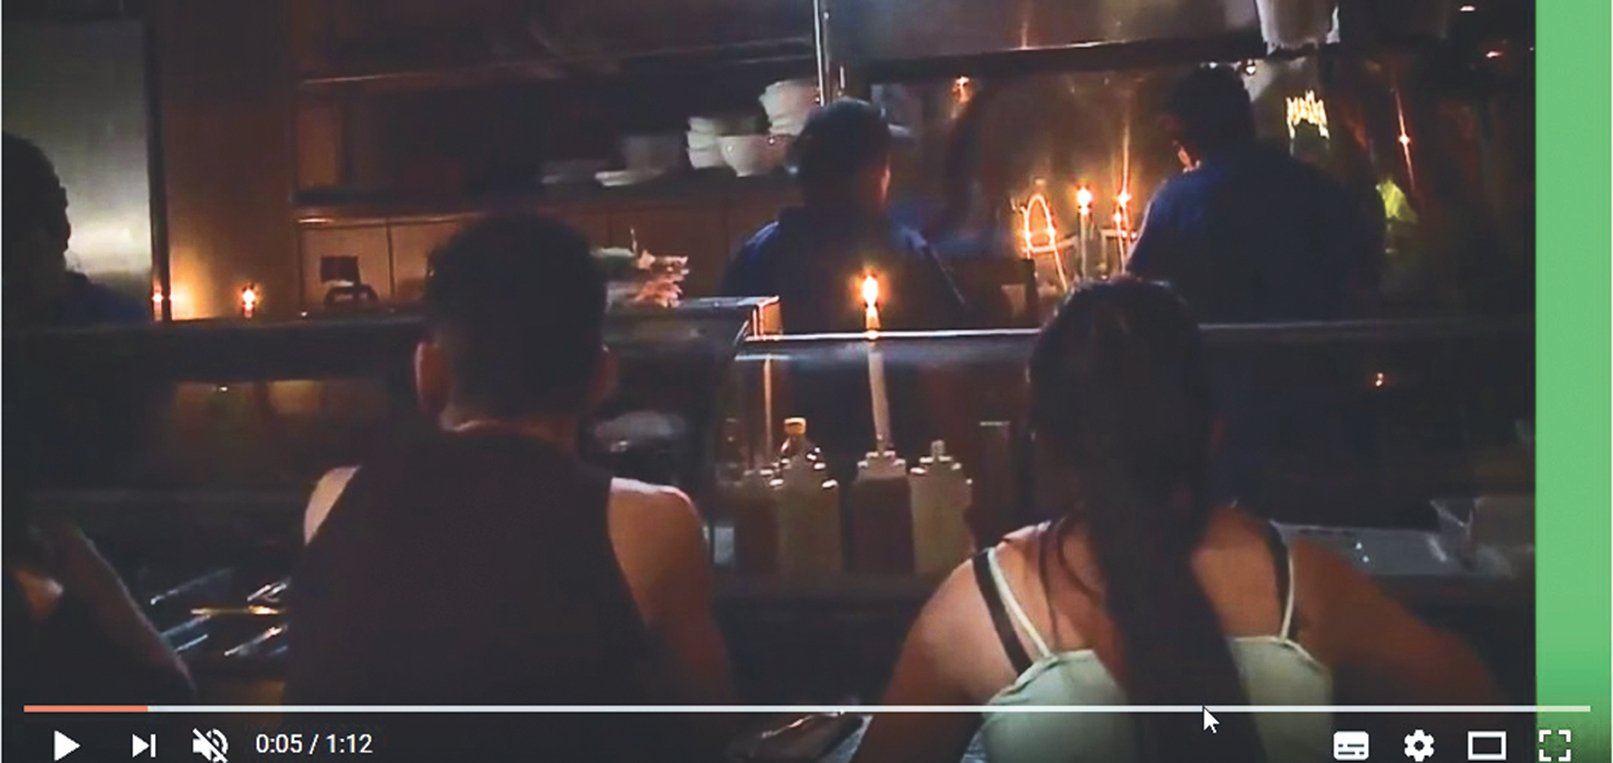 中美洲多國遇上大停電,餐館裏只能用燭光當照明。(影片擷取)